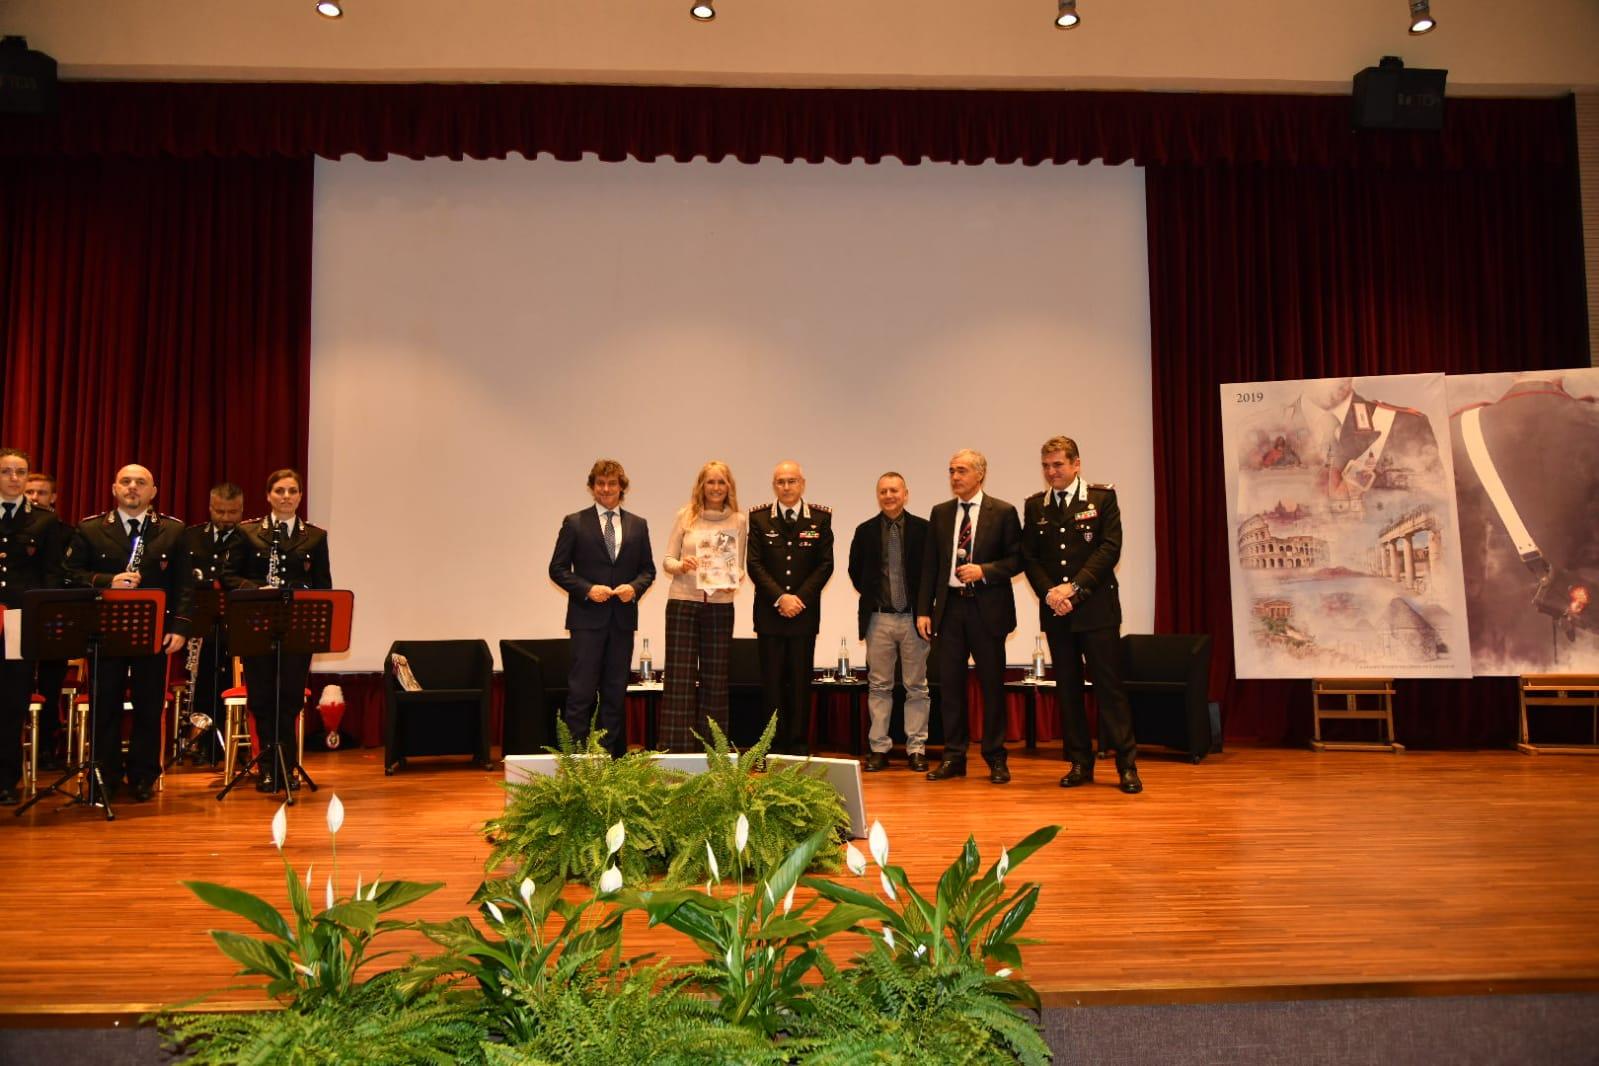 Calendario Storico Carabinieri 2020.Carabinieri Presentano Il Calendario Storico E L Agenda